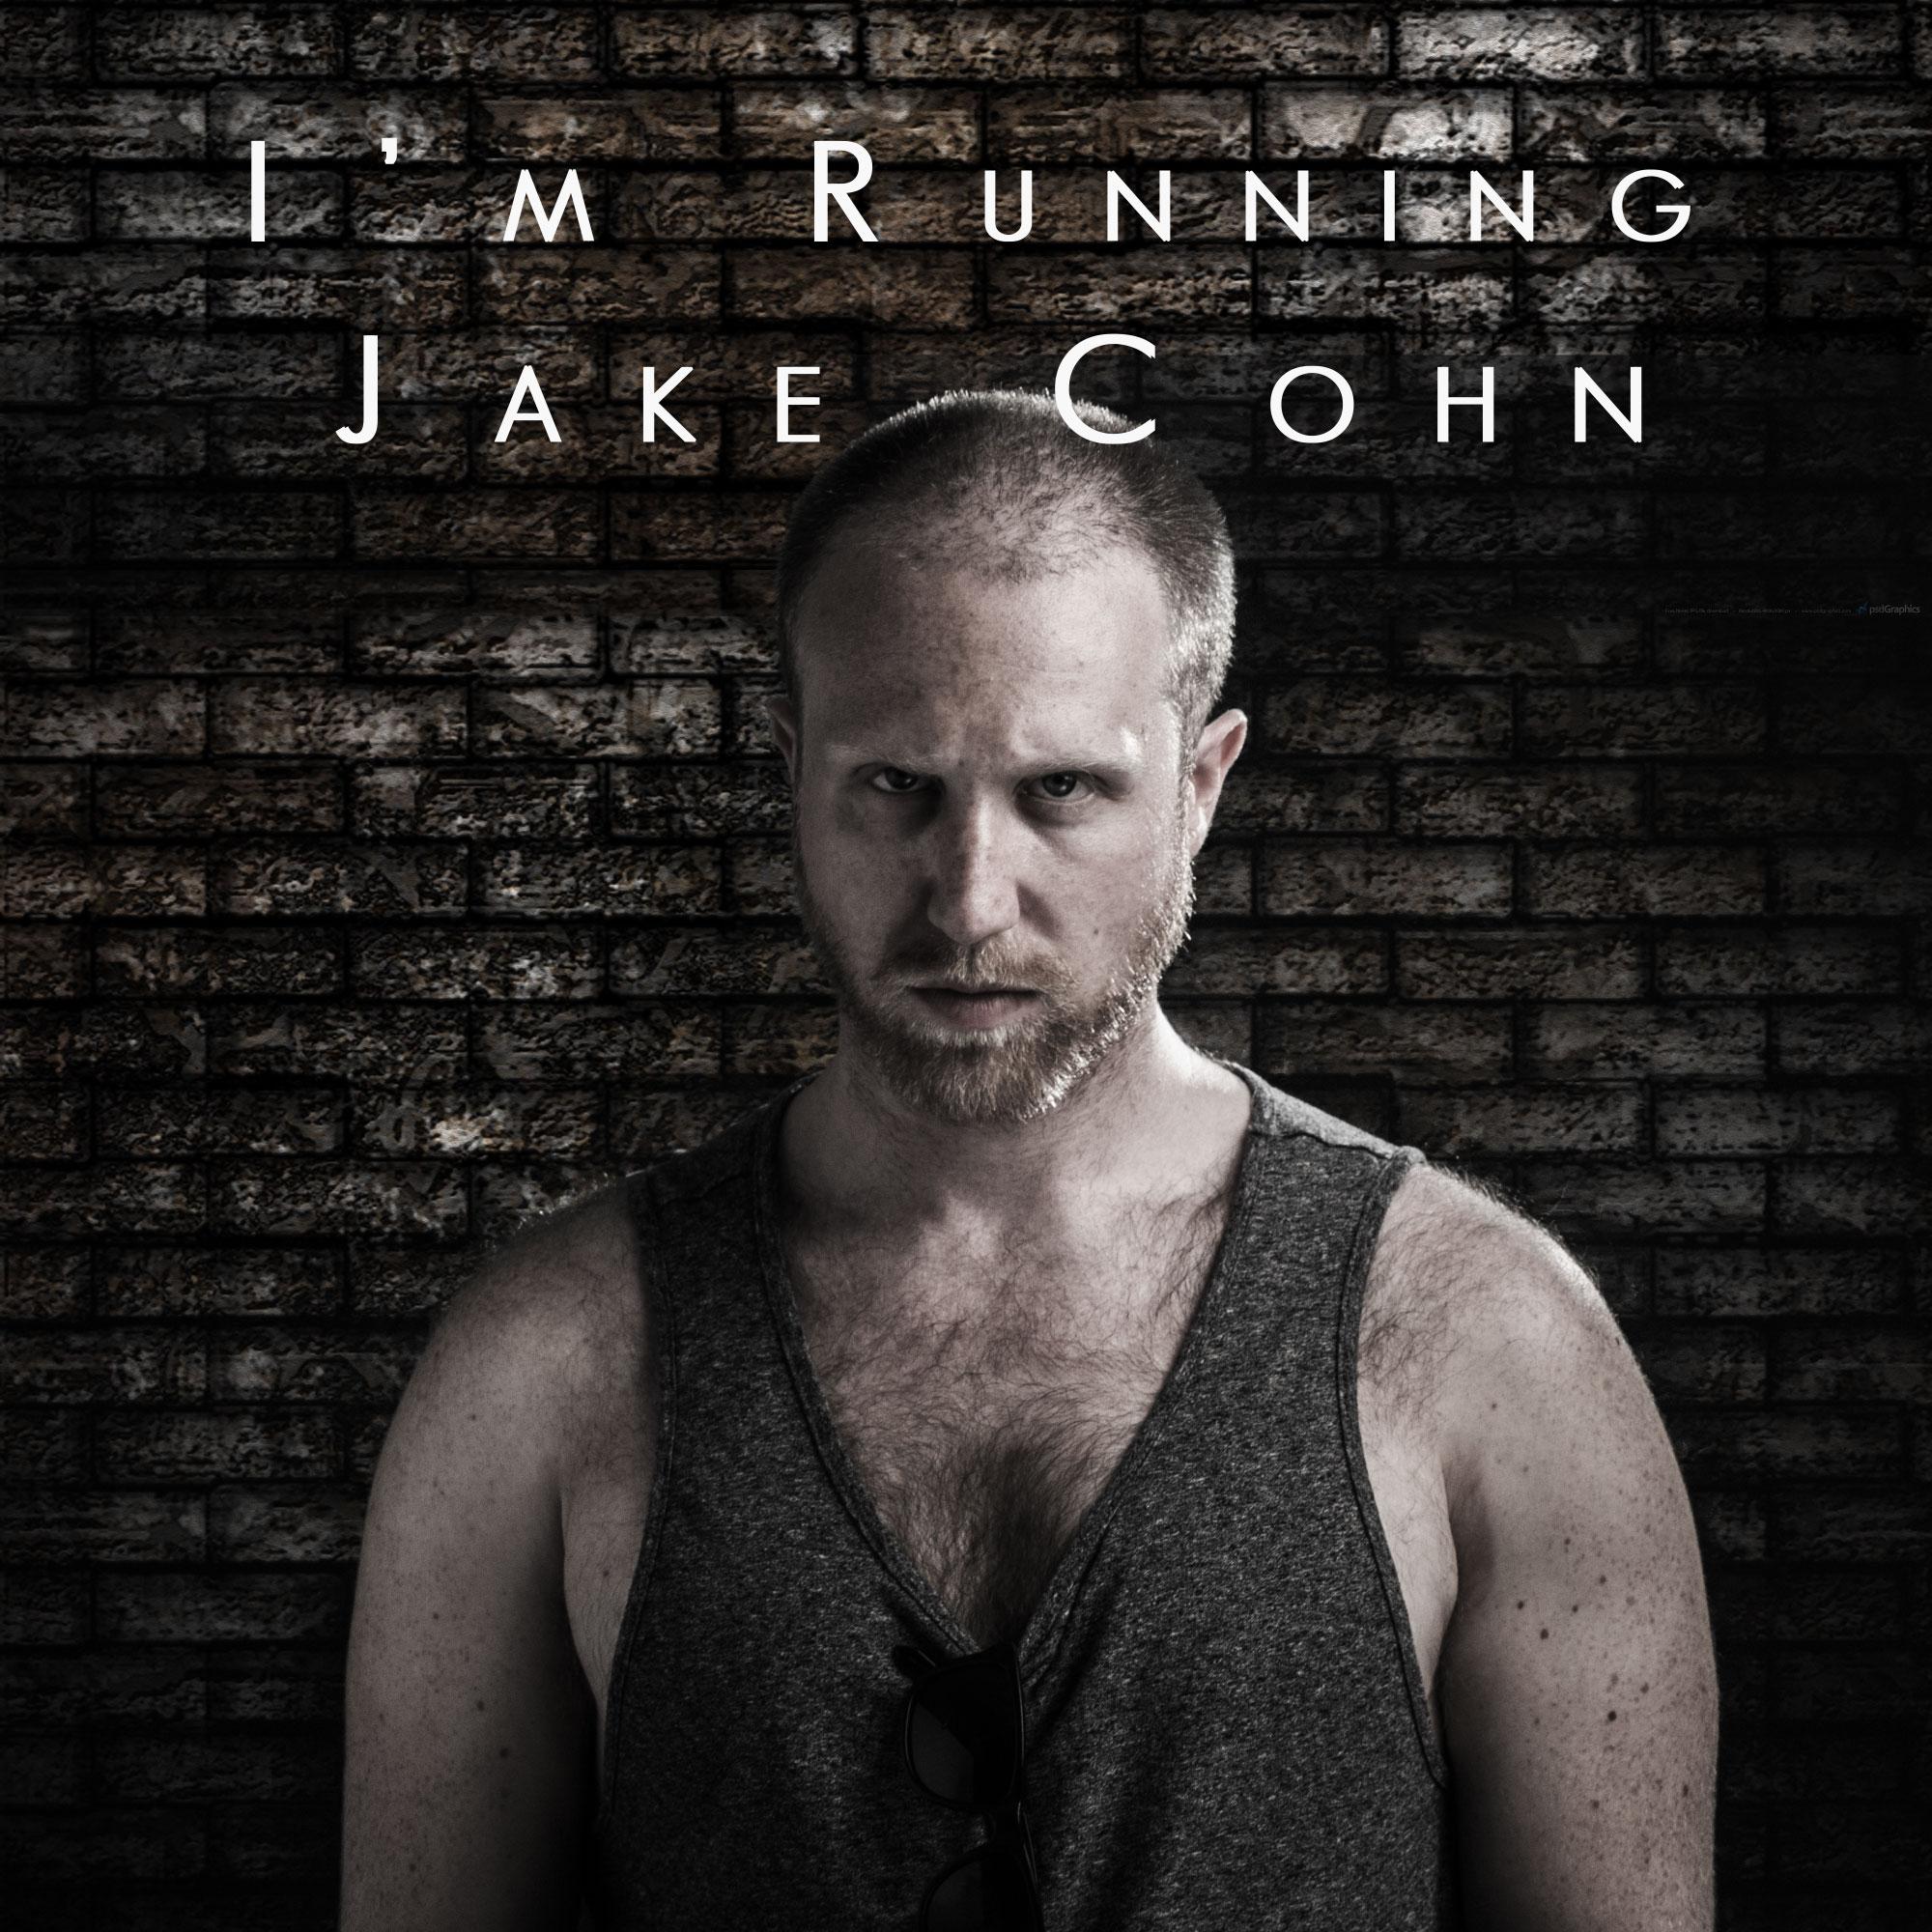 Jake Cohn